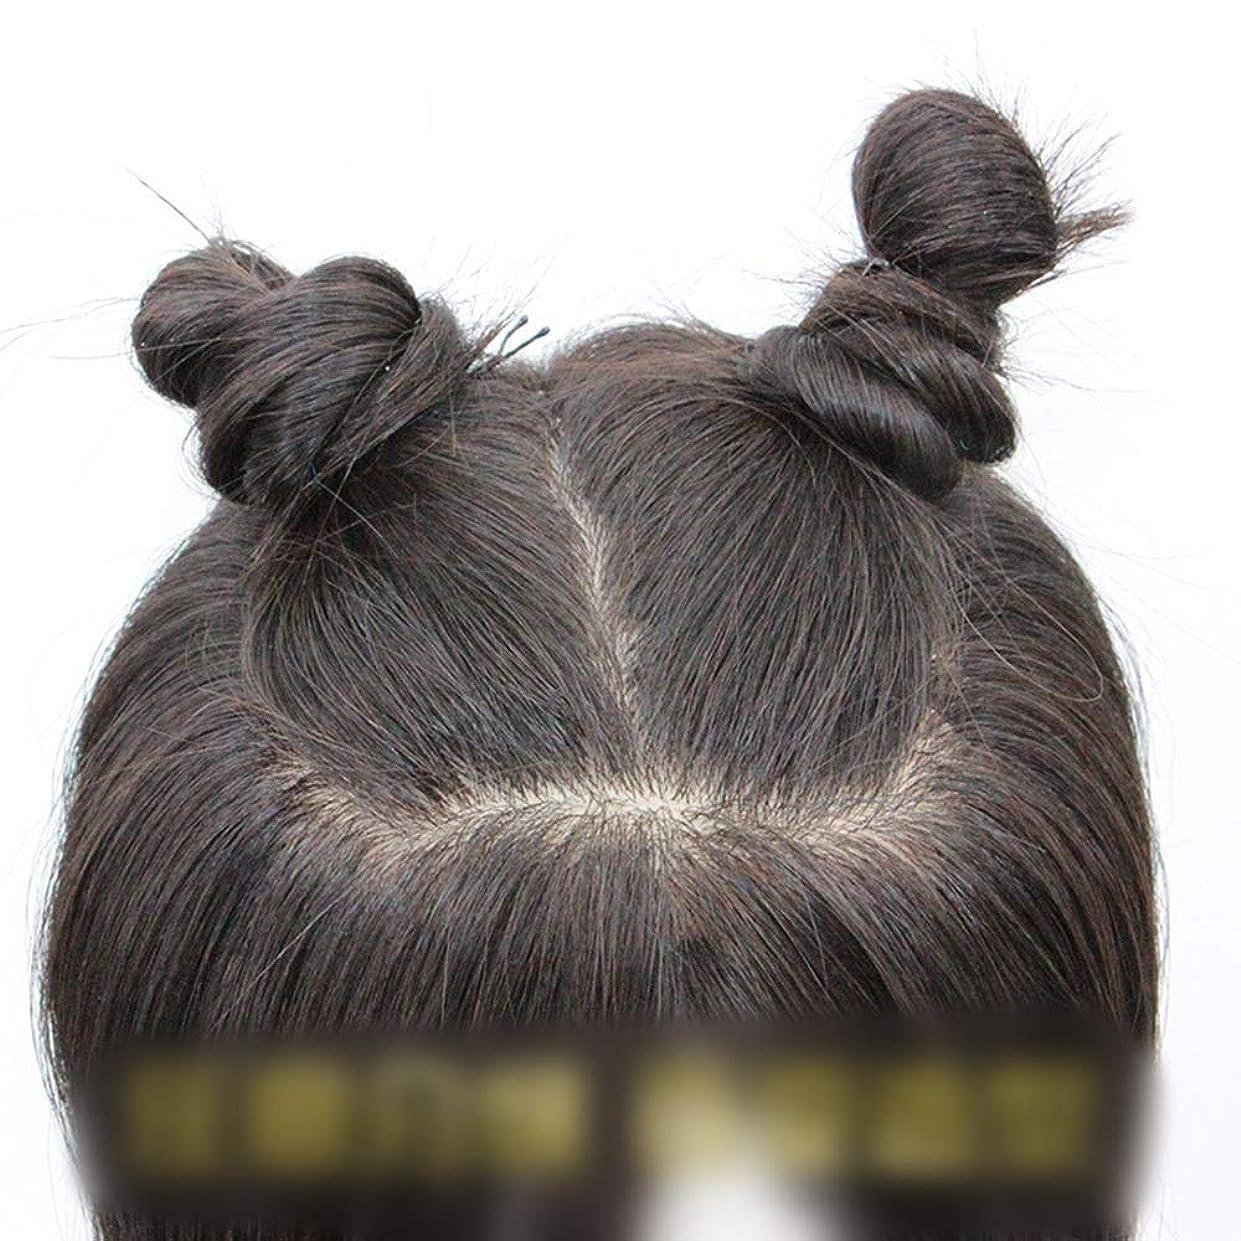 ママママ遠近法HOHYLLYA リアルヘアエクステンション3Dハンドニードルカバーホワイトヘアウィッグパーティーウィッグで女性のロングストレートヘアクリップ (色 : Natural black, サイズ : 25cm)